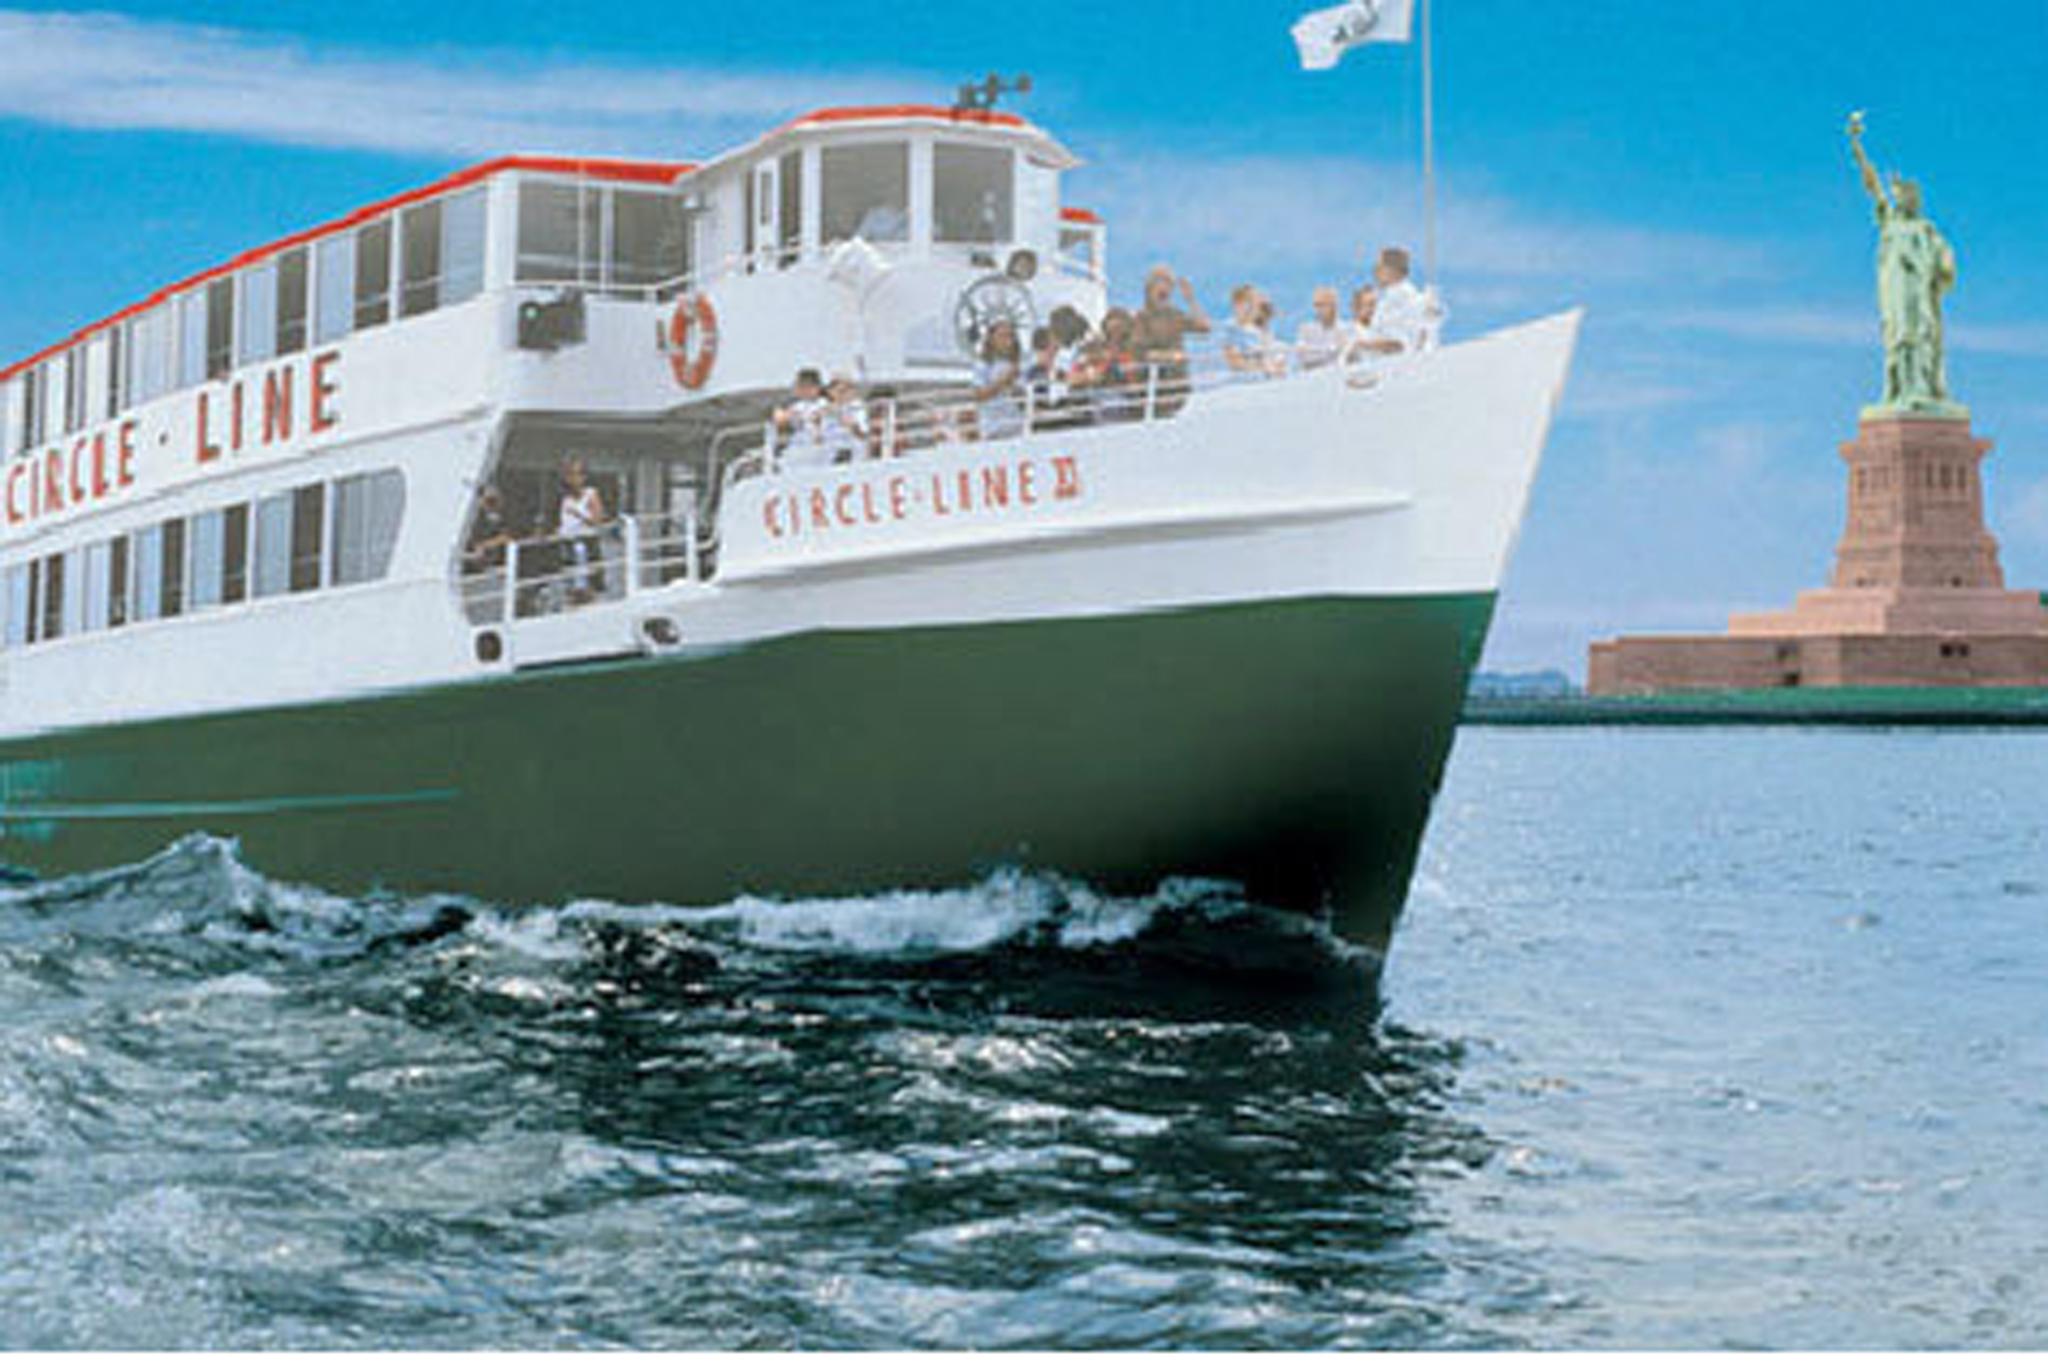 Circle Line Landmarks Cruise